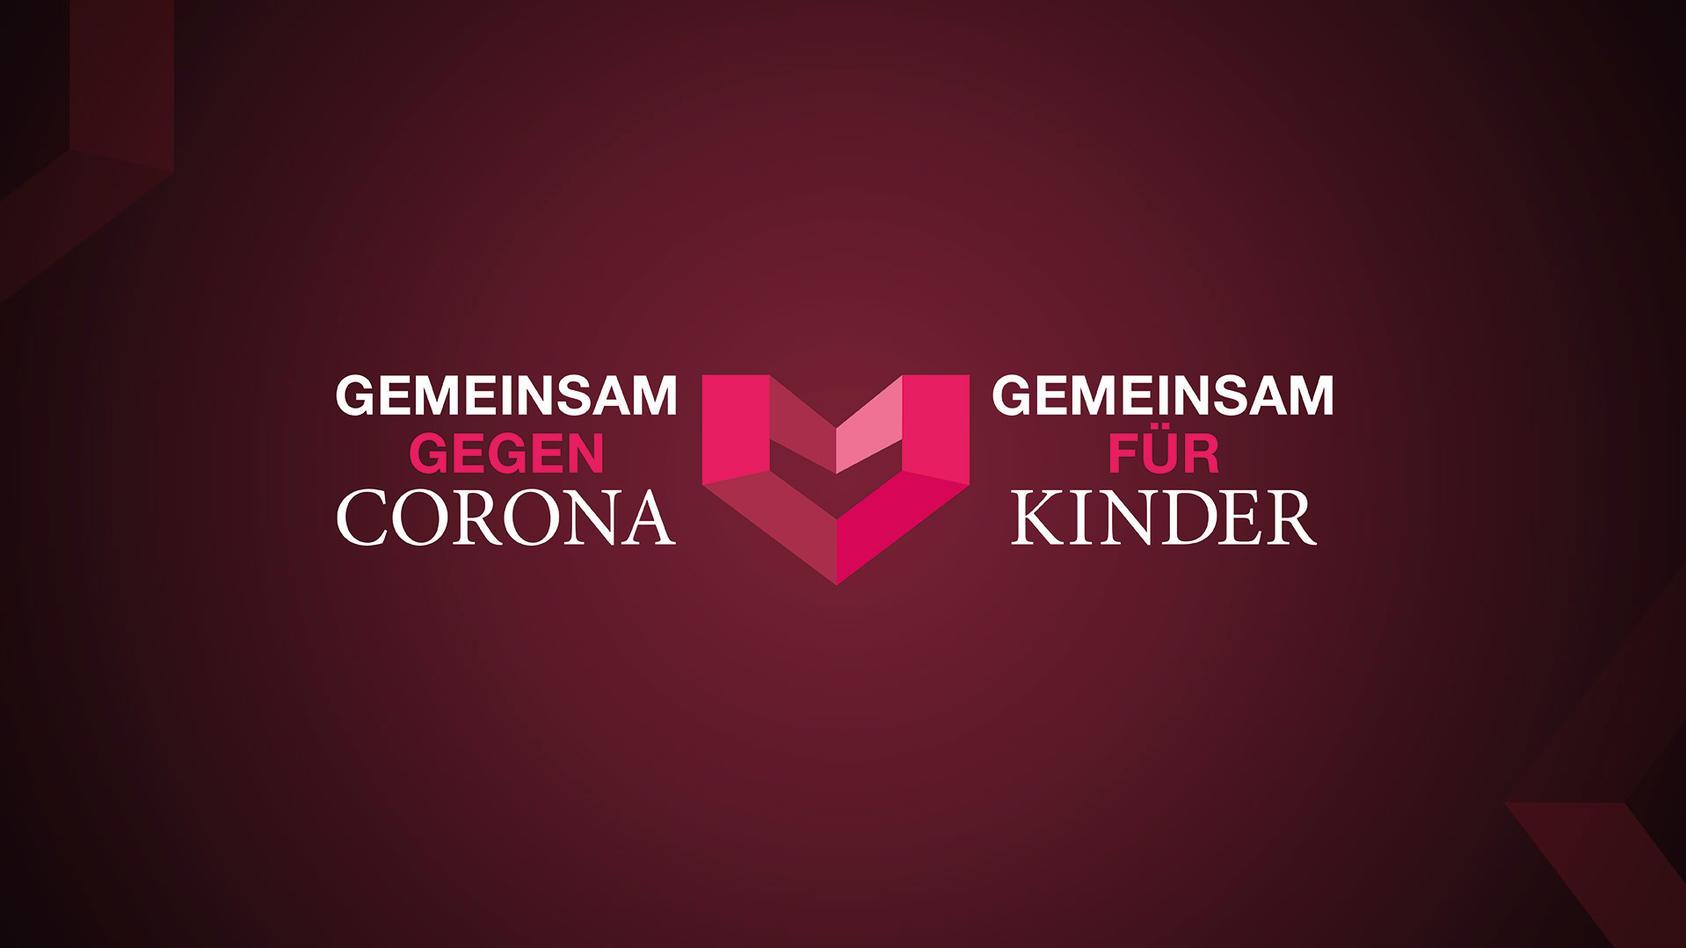 """Die Aktion """"Gemeinsam gegen Corona – gemeinsam für Kinder"""" der """"Stiftung RTL – Wir helfen Kindern e.V."""" war sehr erfolgreich!"""